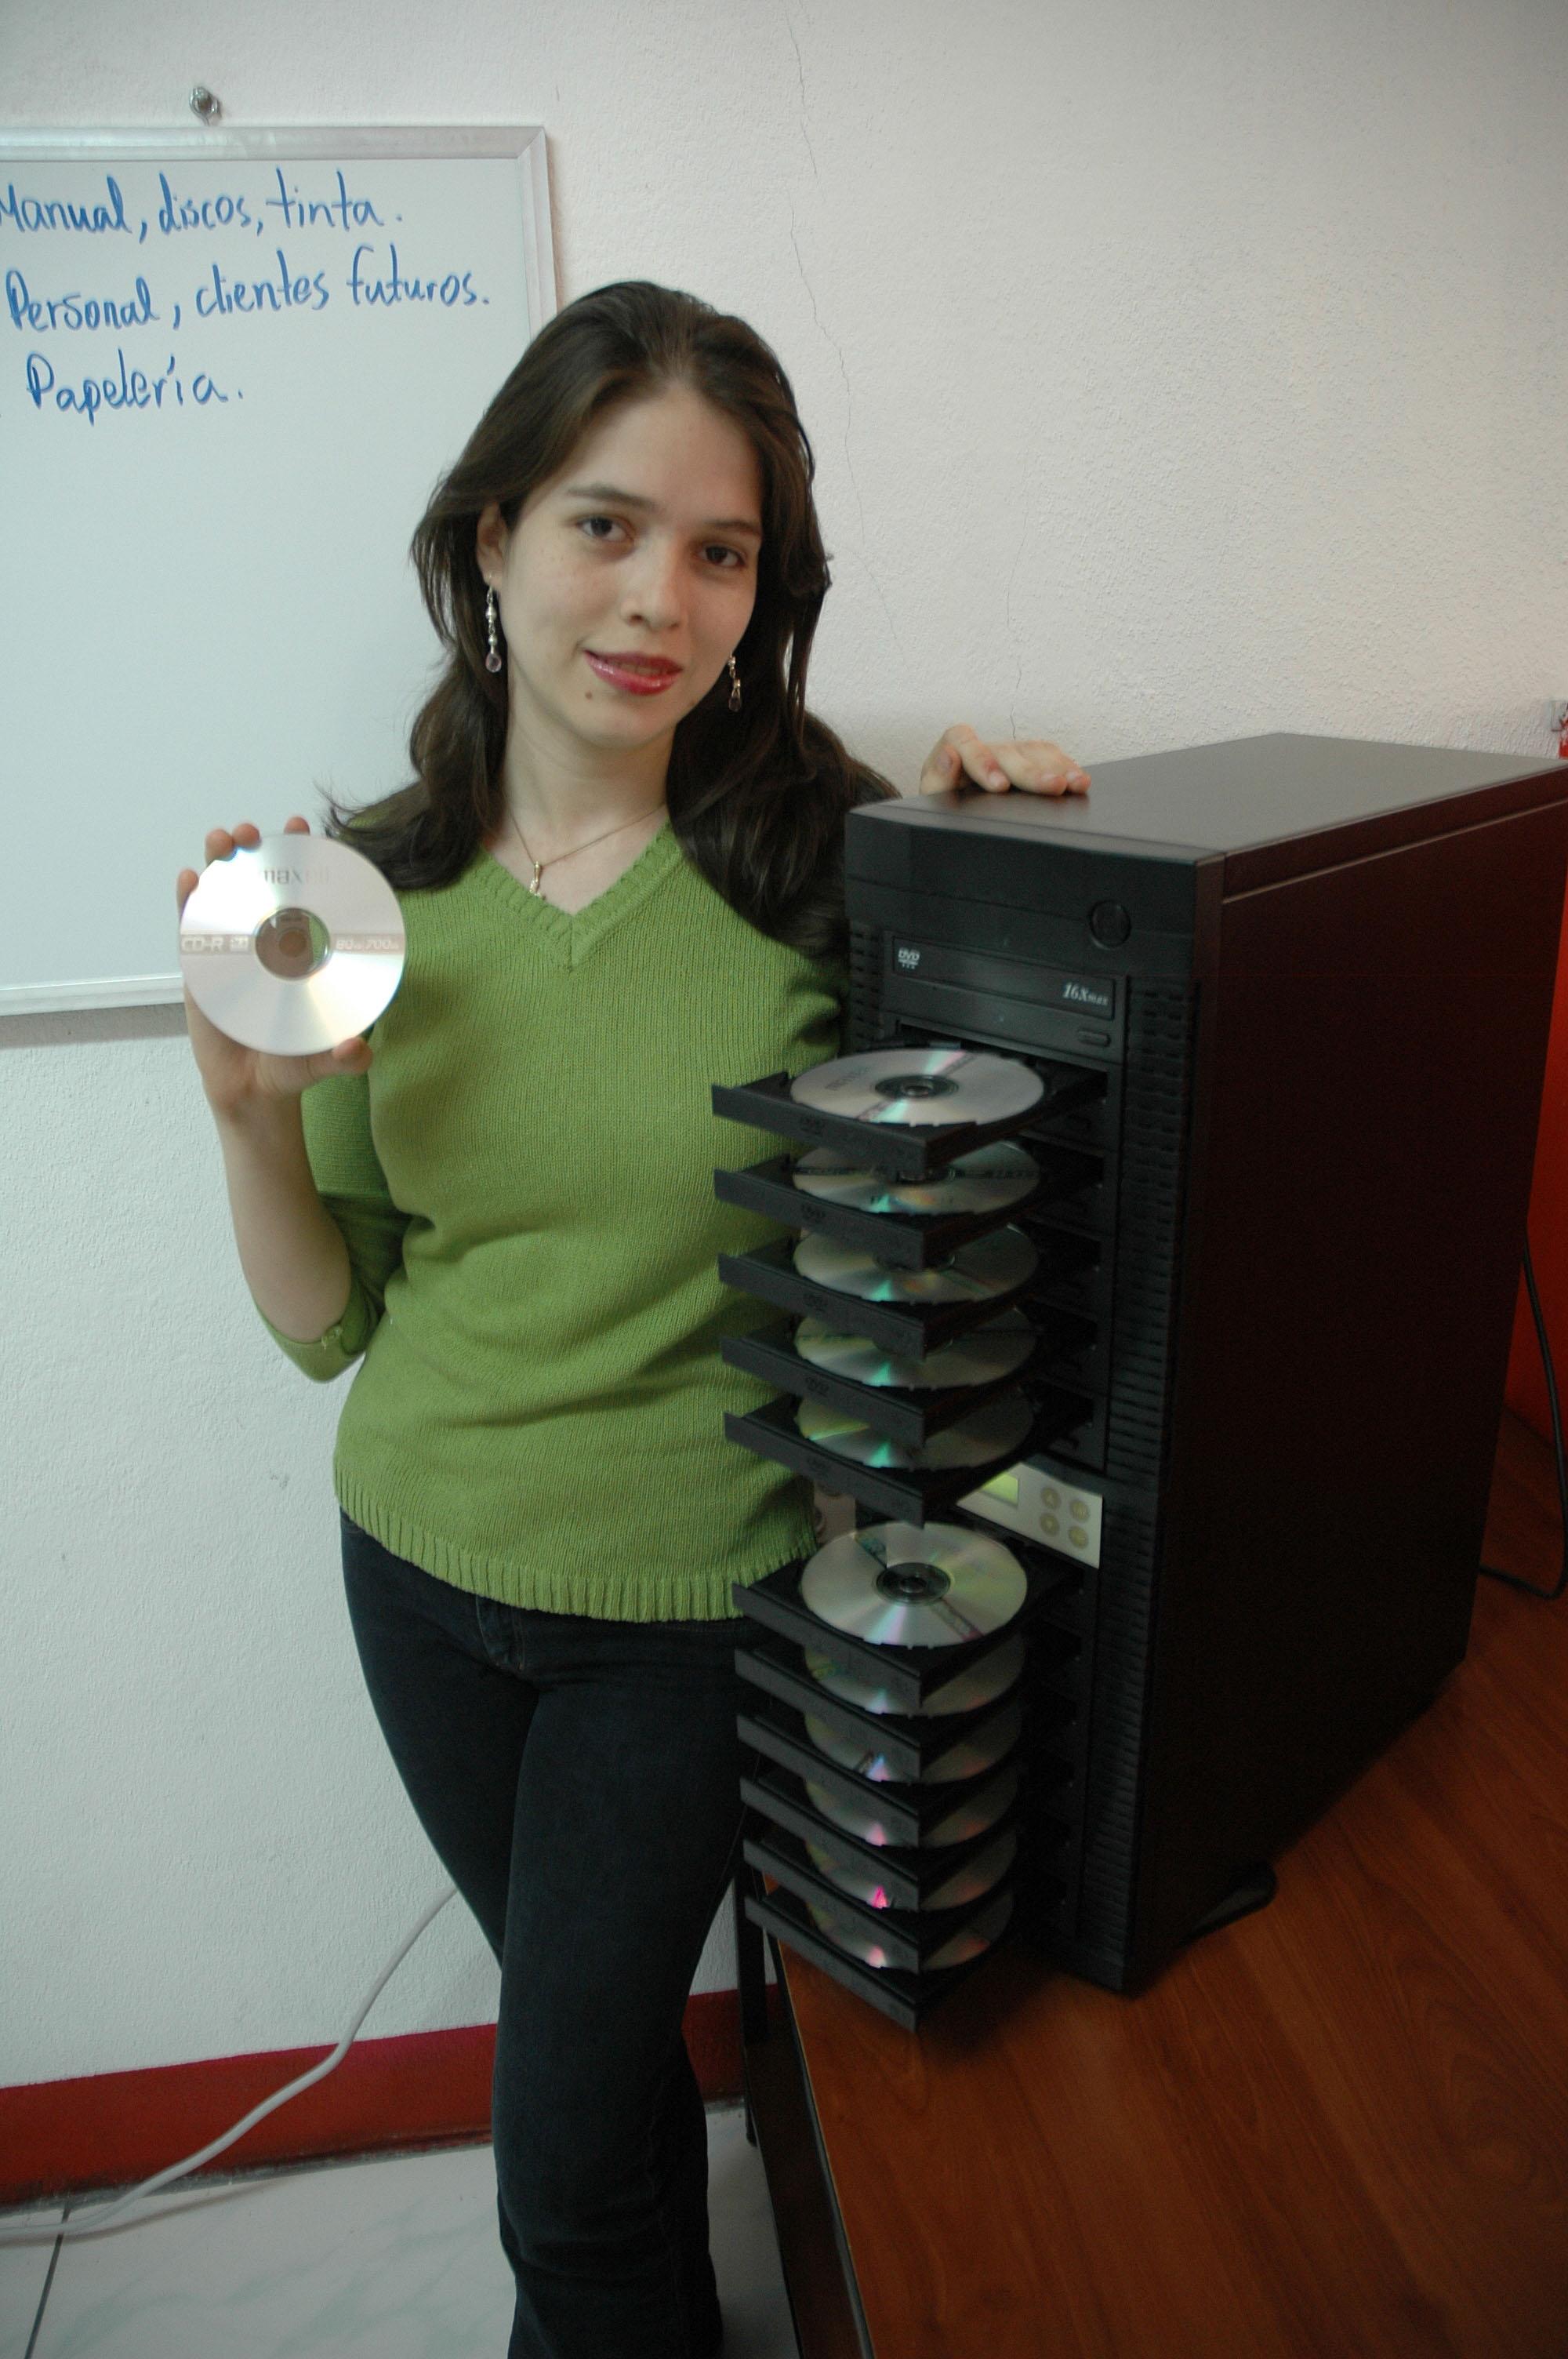 Con la torre de discos